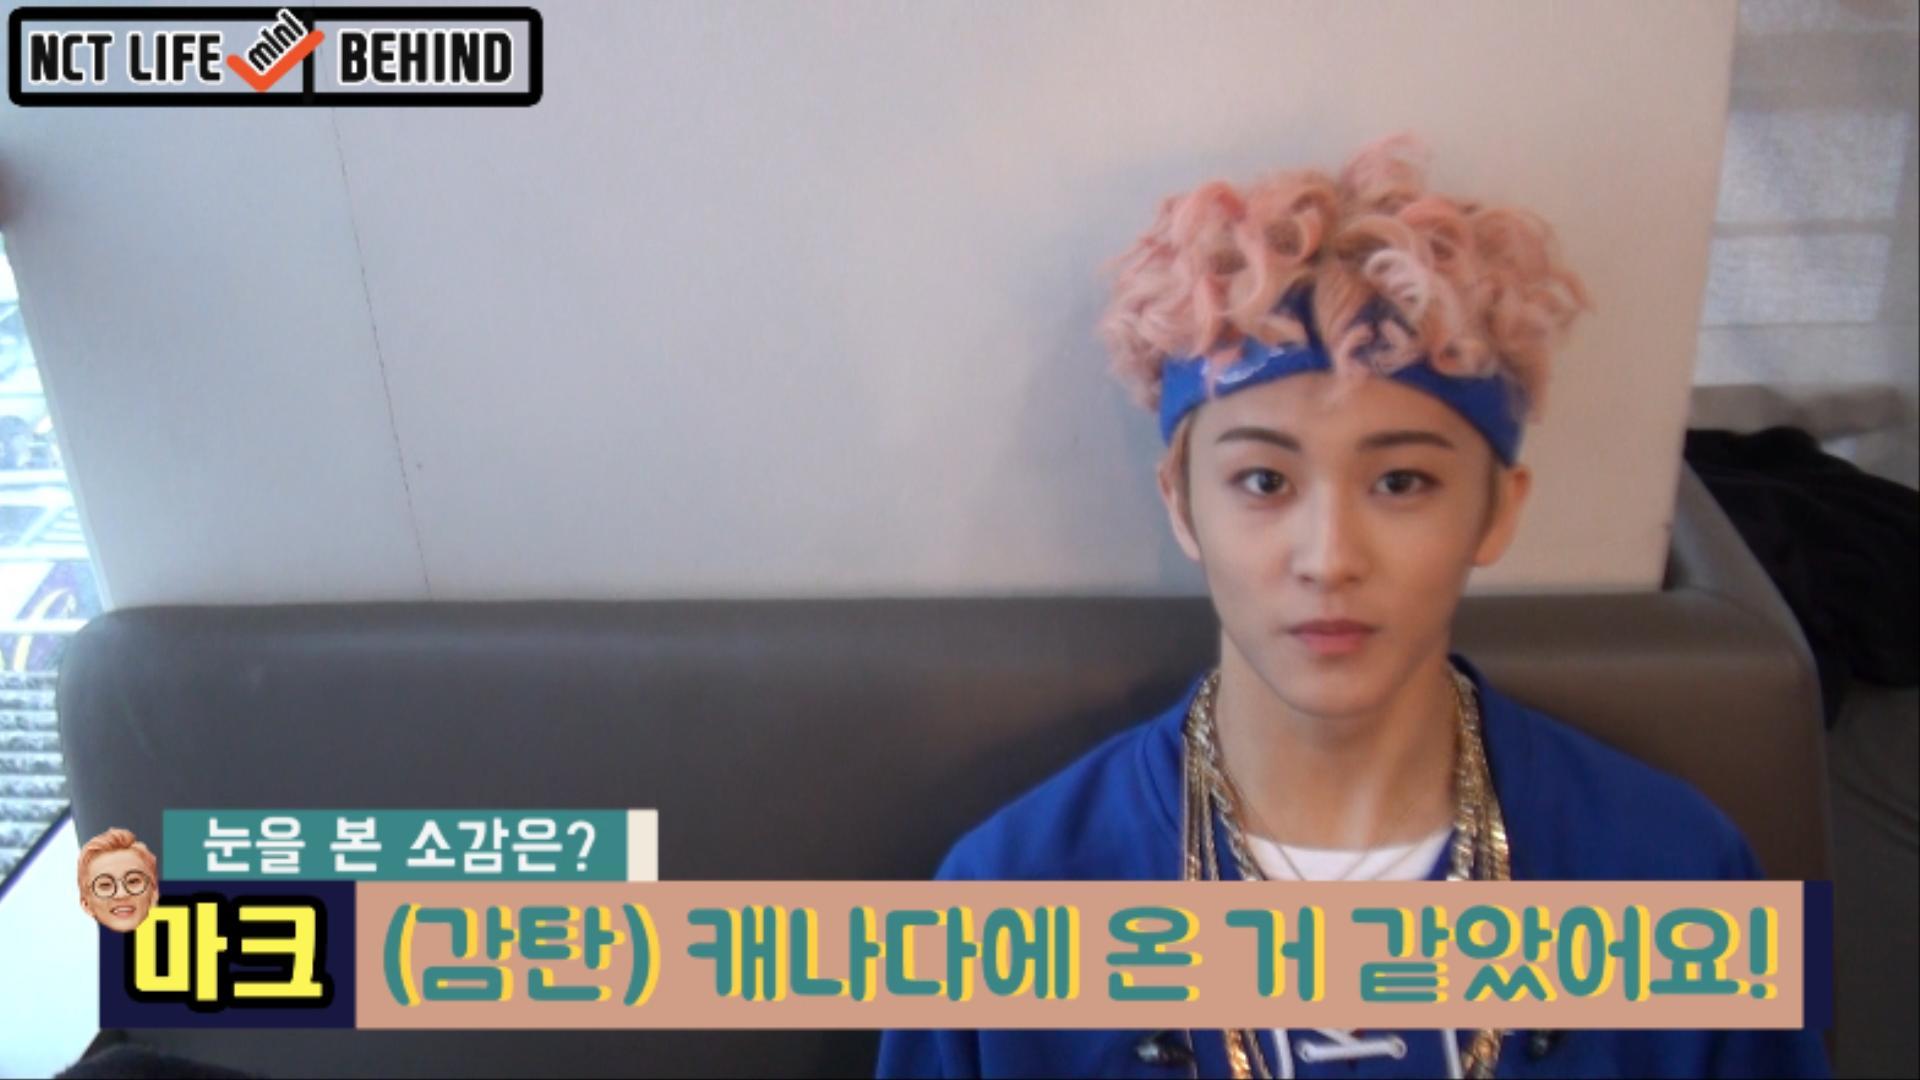 [NCT LIFE MINI] BEHIND_음악중심 비하인드